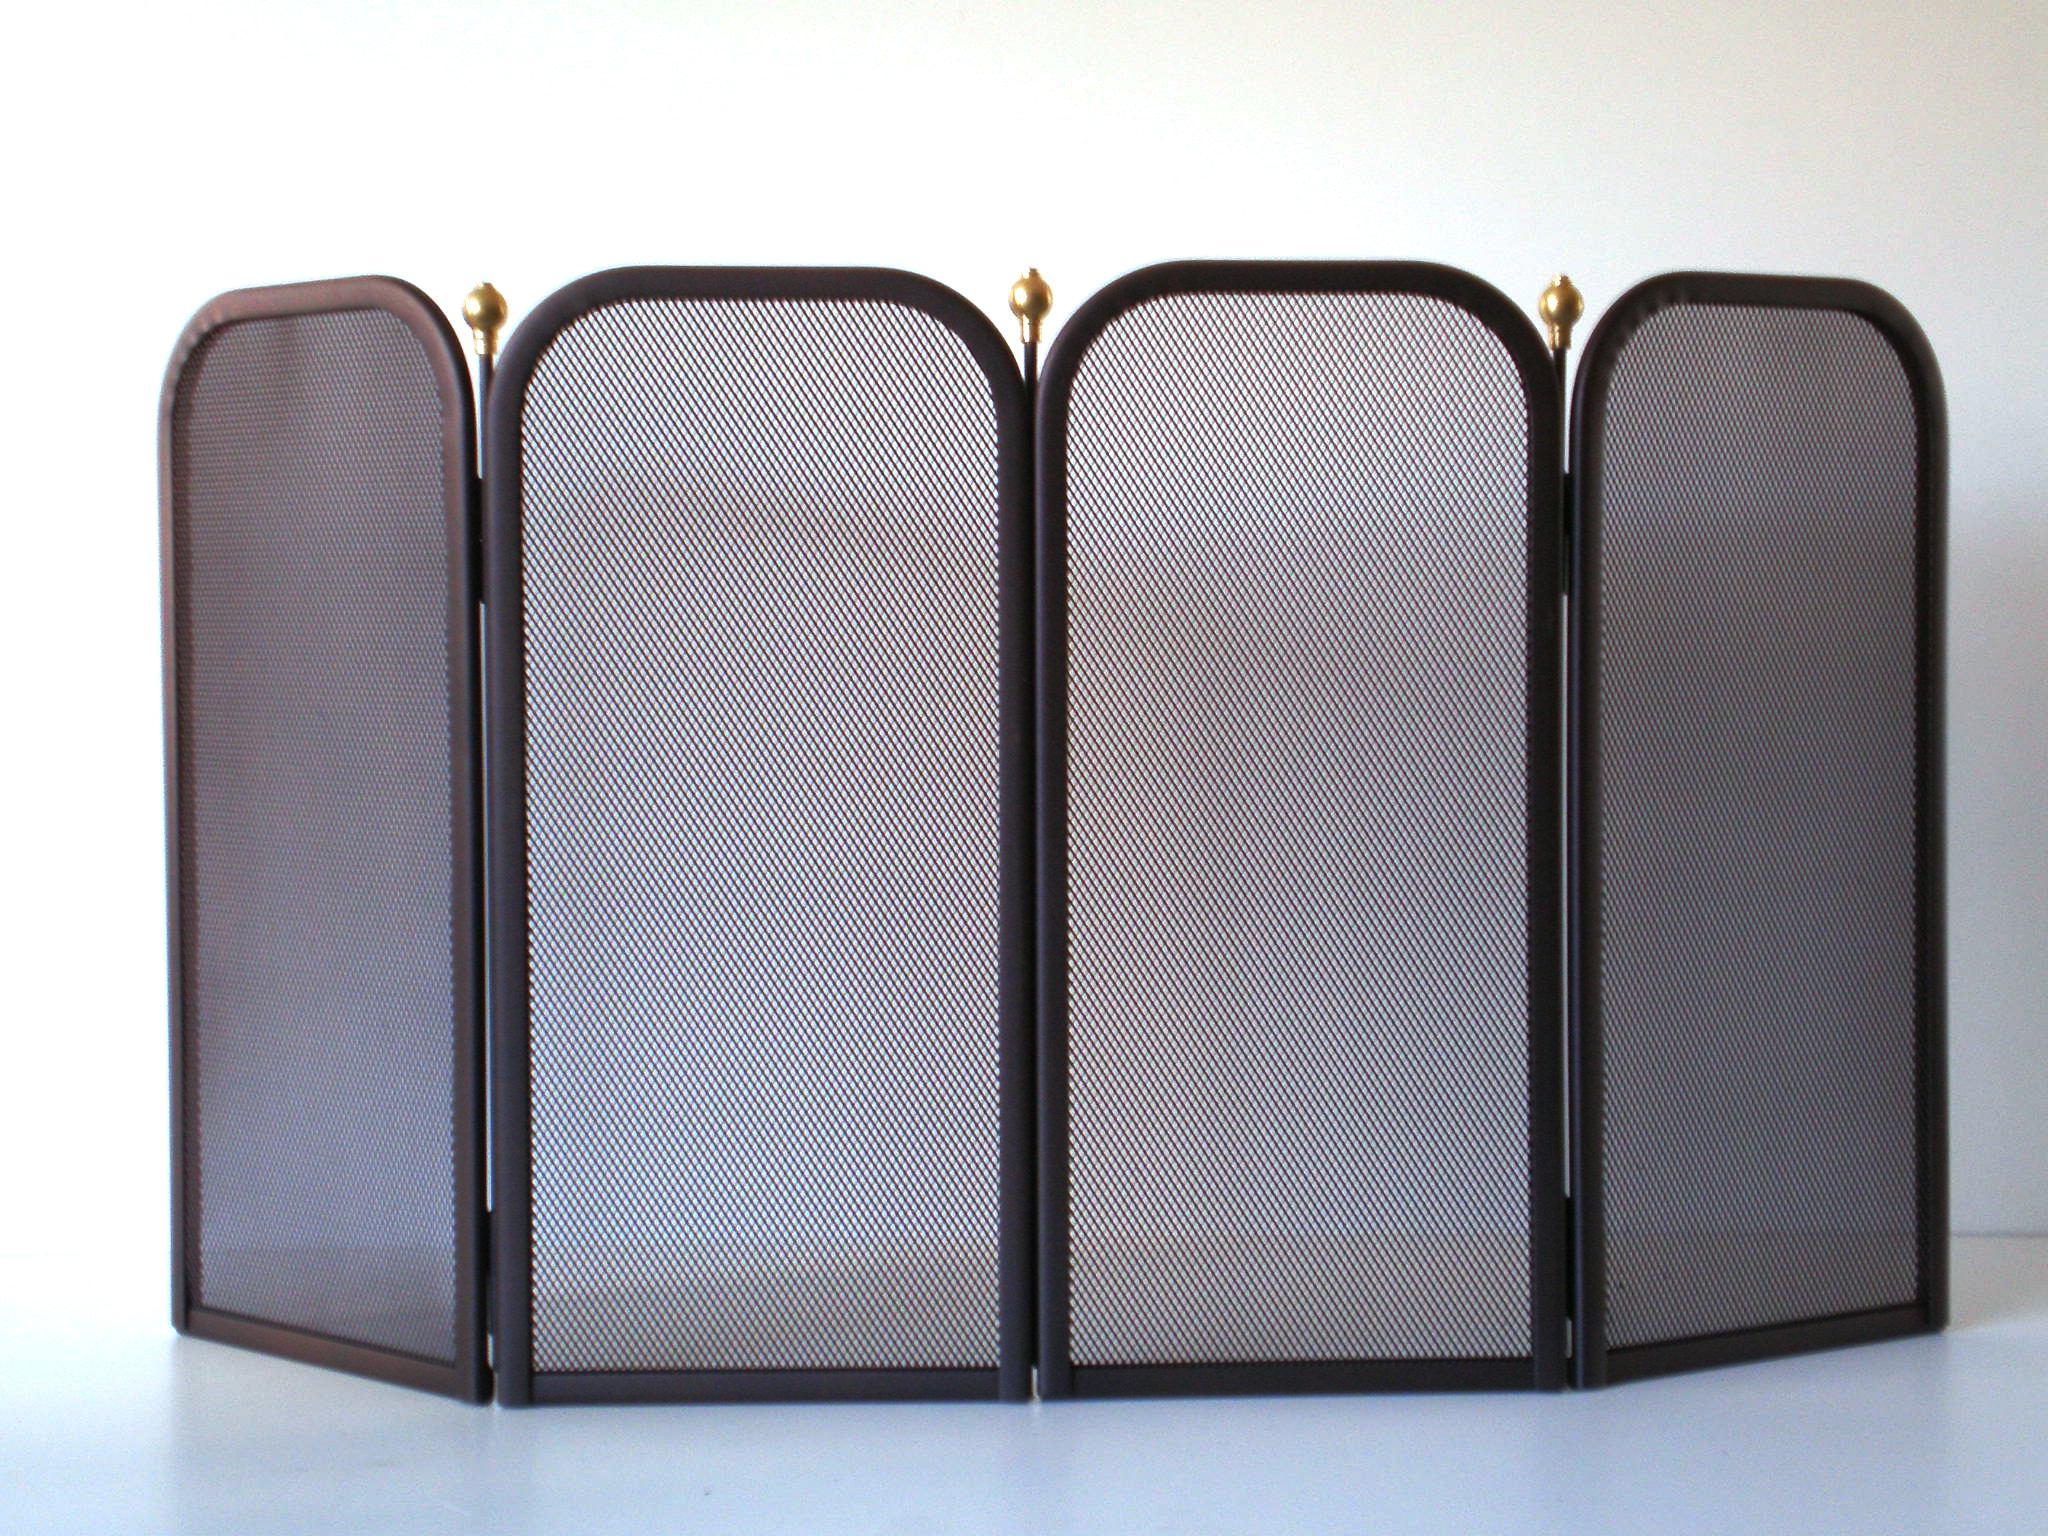 """Προστατευτικό Παραβάν Τζακιού """"Oro Μπίλια 5φυλλο Μαύρο"""" - Β - 3-130_5φυλλο διακοσμηση σαλόνι είδη τζακιού"""